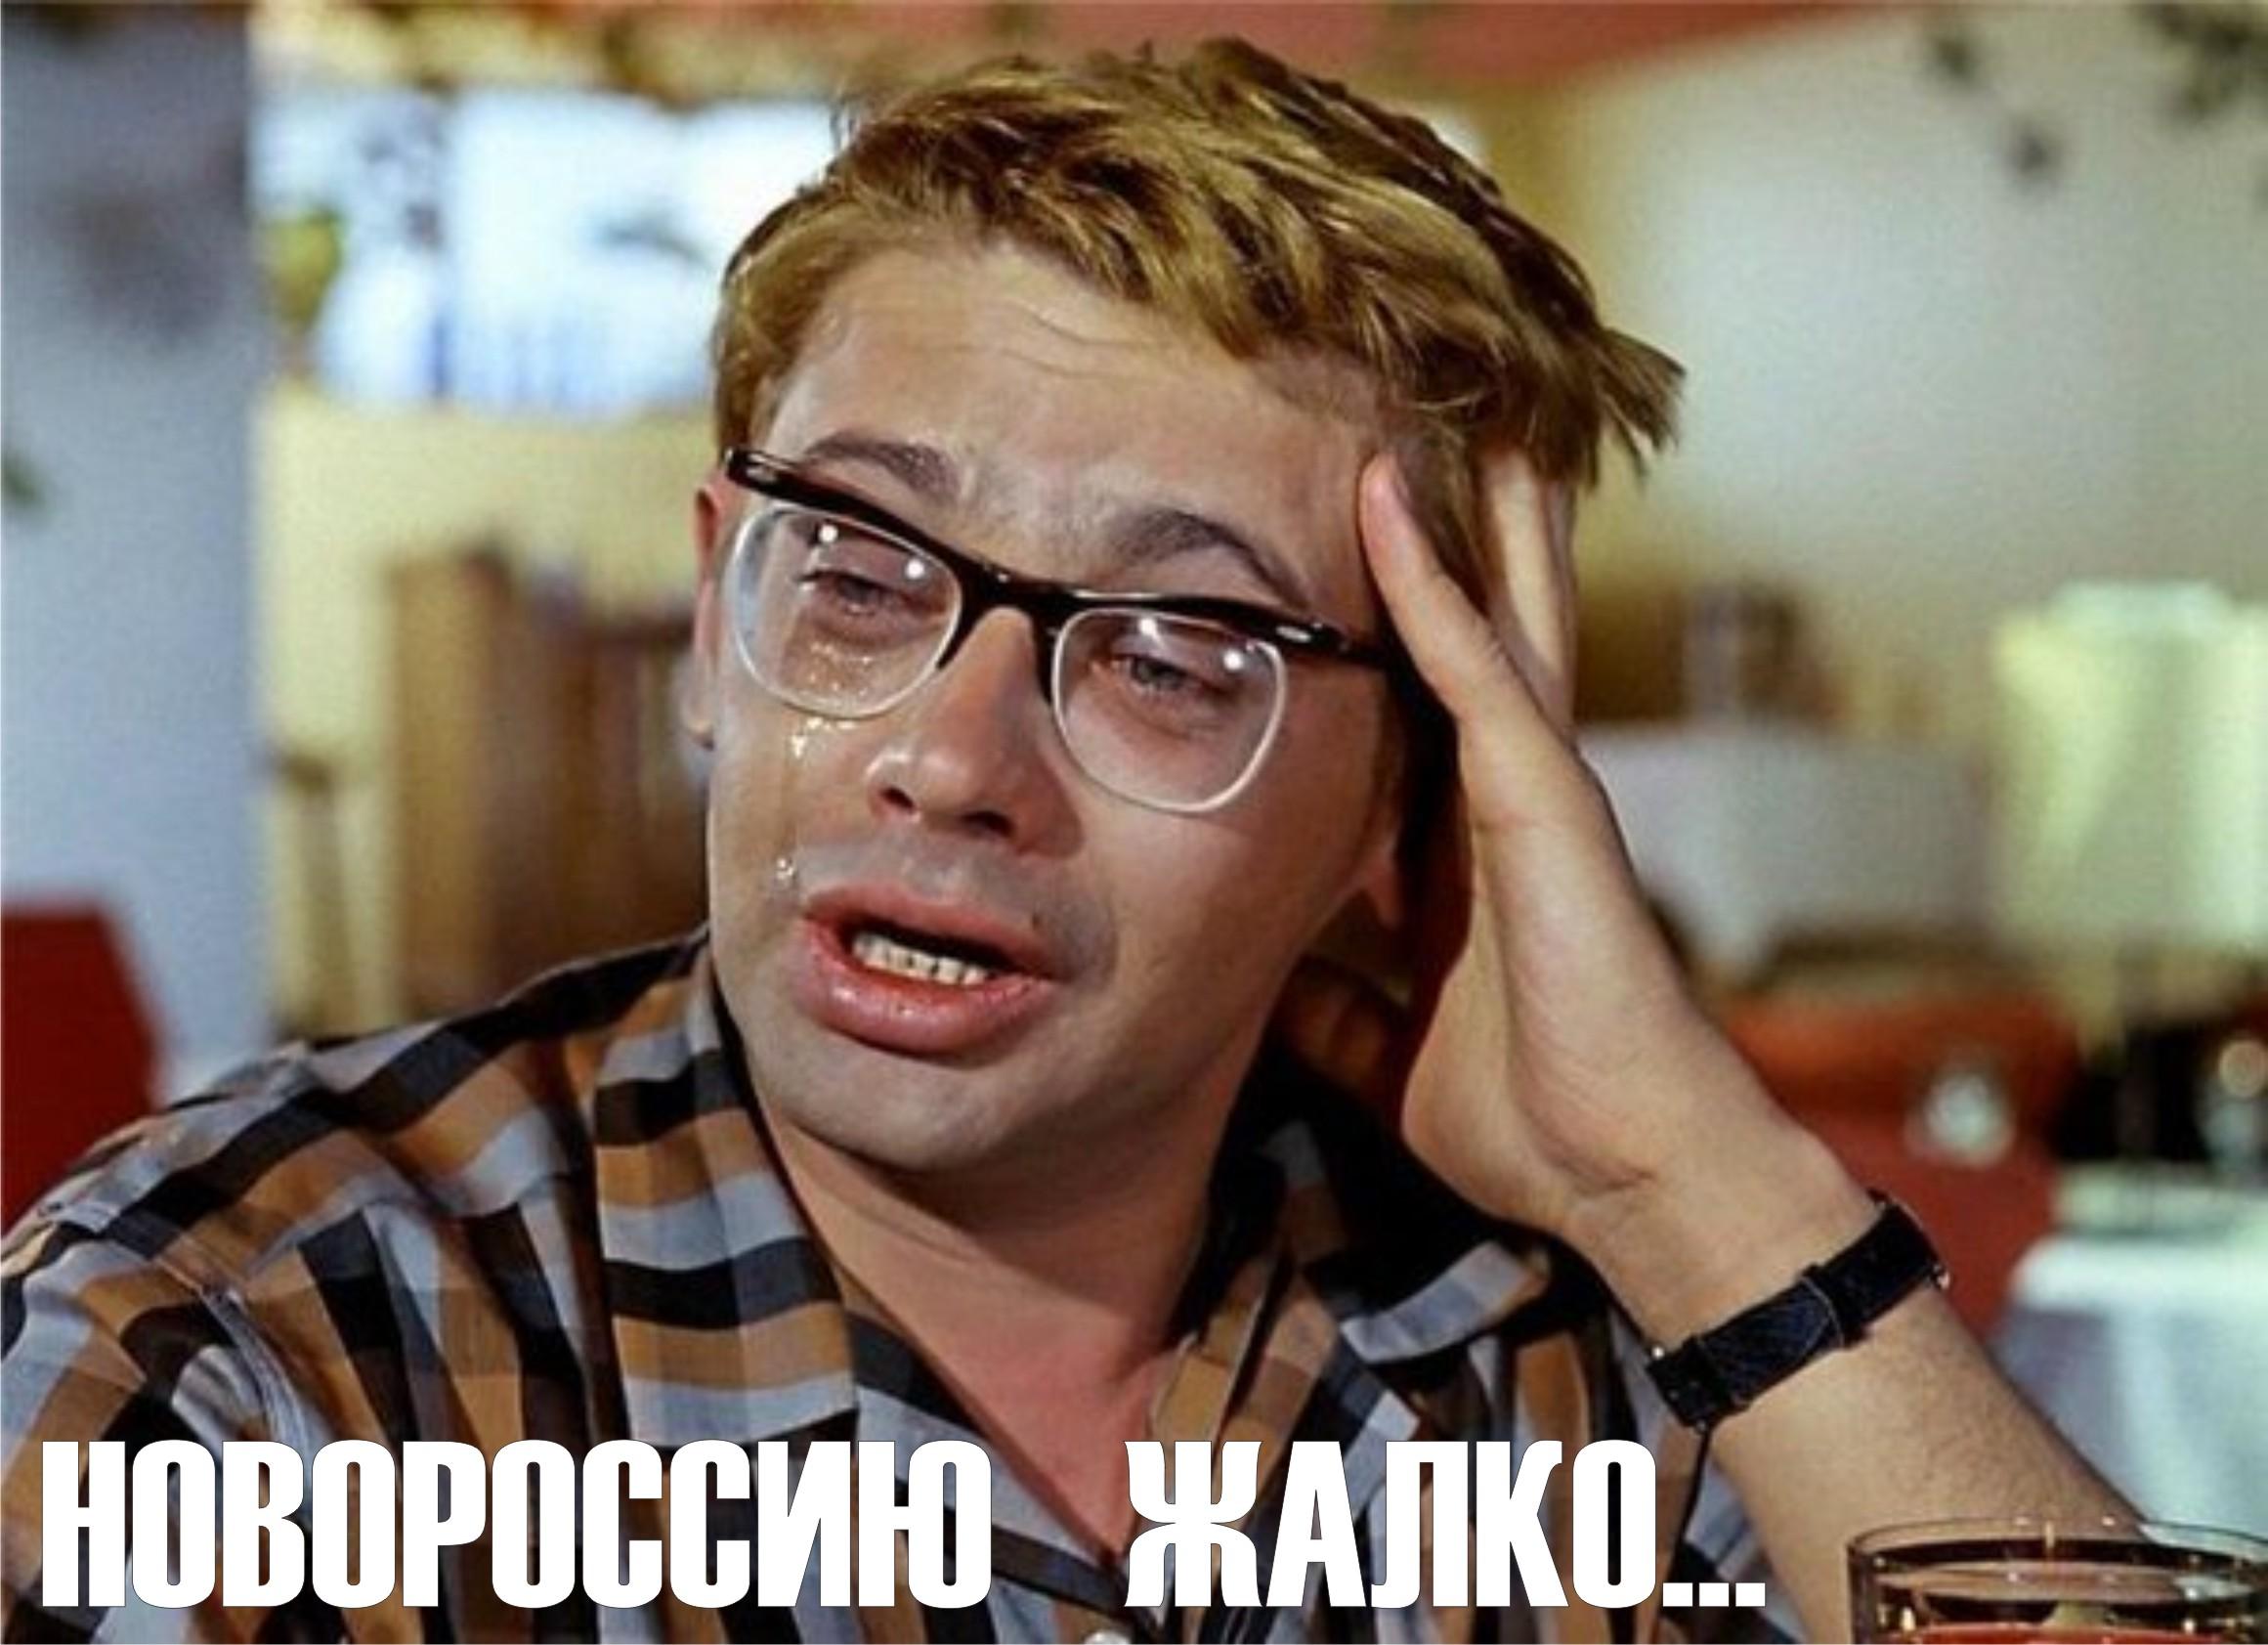 """Плотницкий подал в отставку по состоянию здоровья. Сказались ранения, последствия контузии, - заявление террористов """"ЛНР"""" - Цензор.НЕТ 8158"""